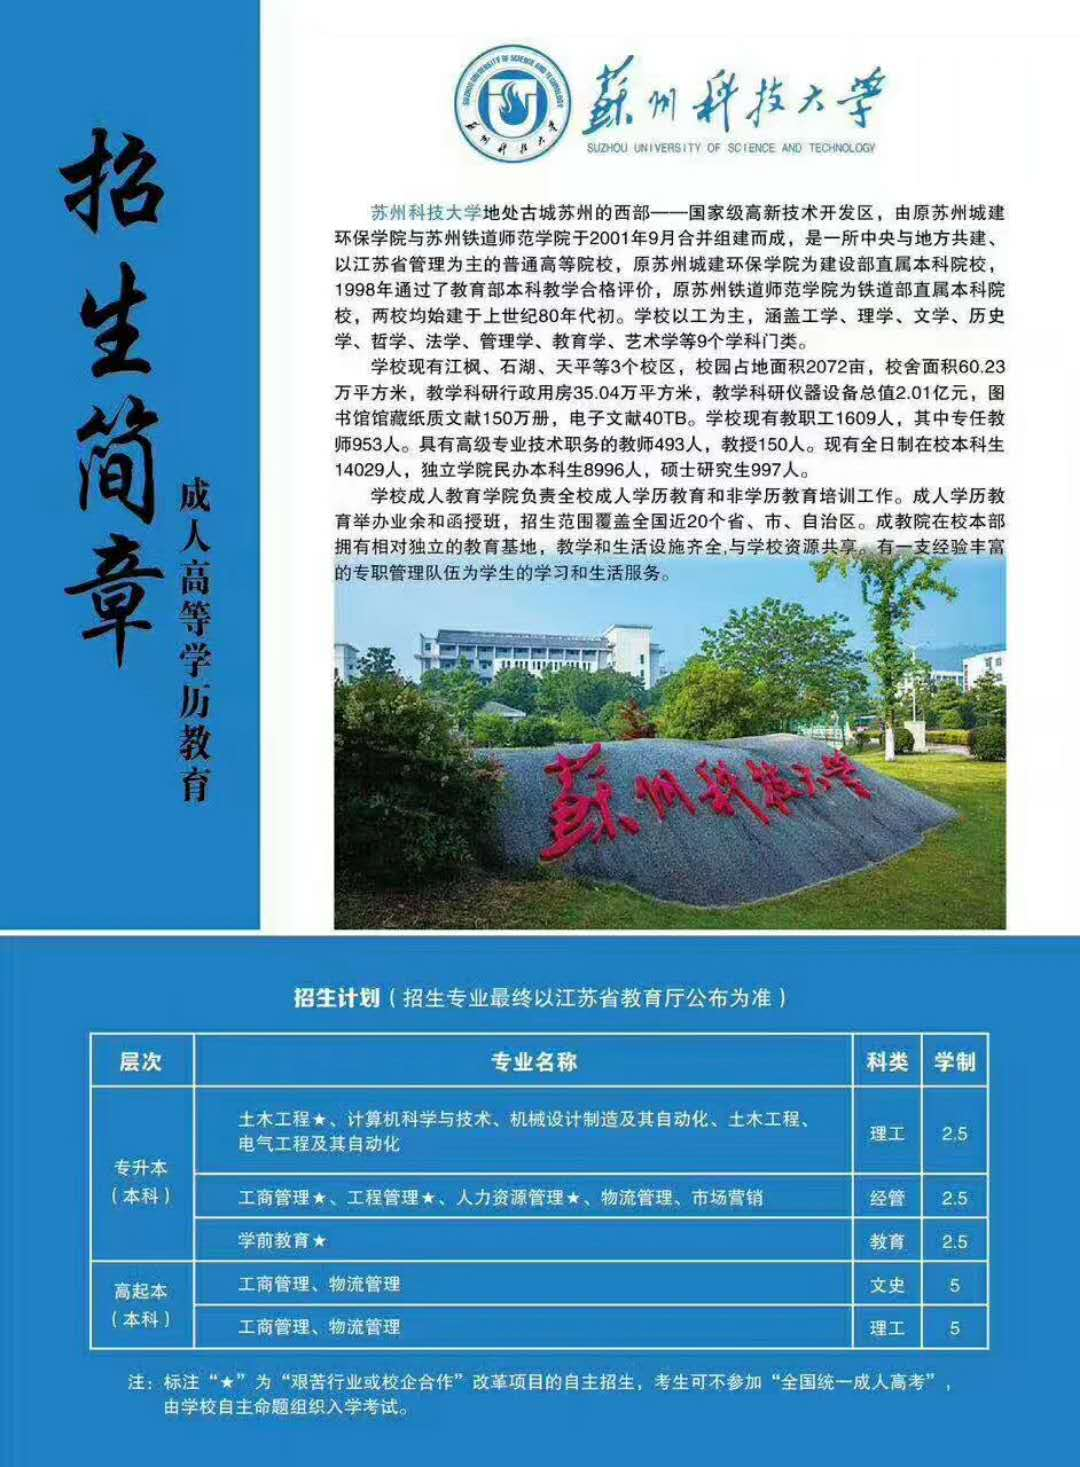 2018年江苏成人高考寻求合作伙伴